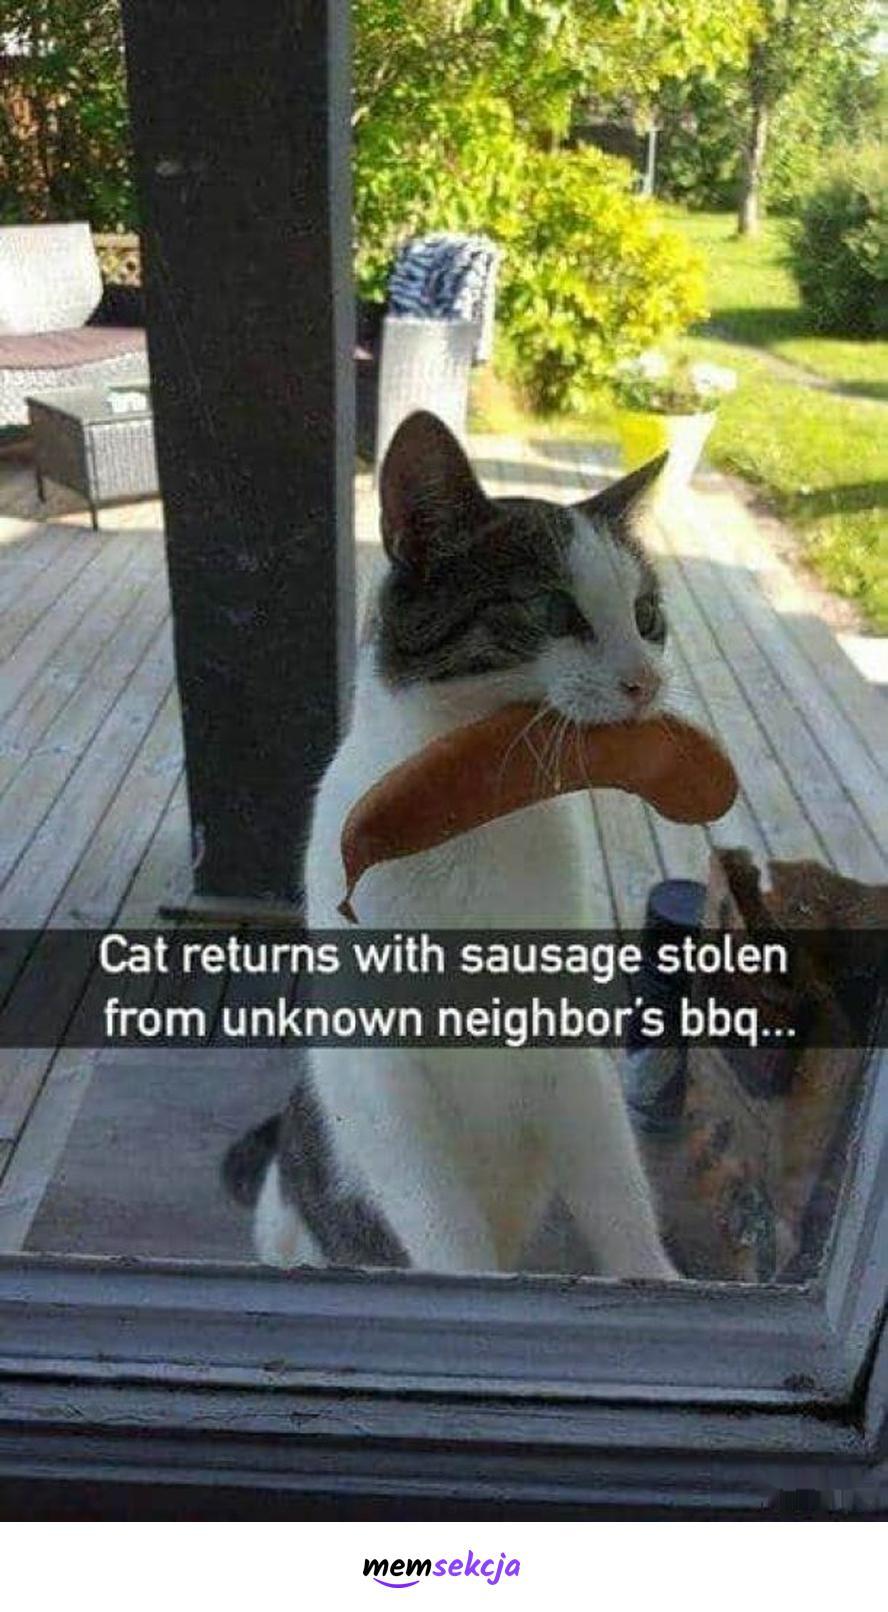 Kot ukradł kiełbasę. Śmieszne koty. Kiełbasa. Złodziej